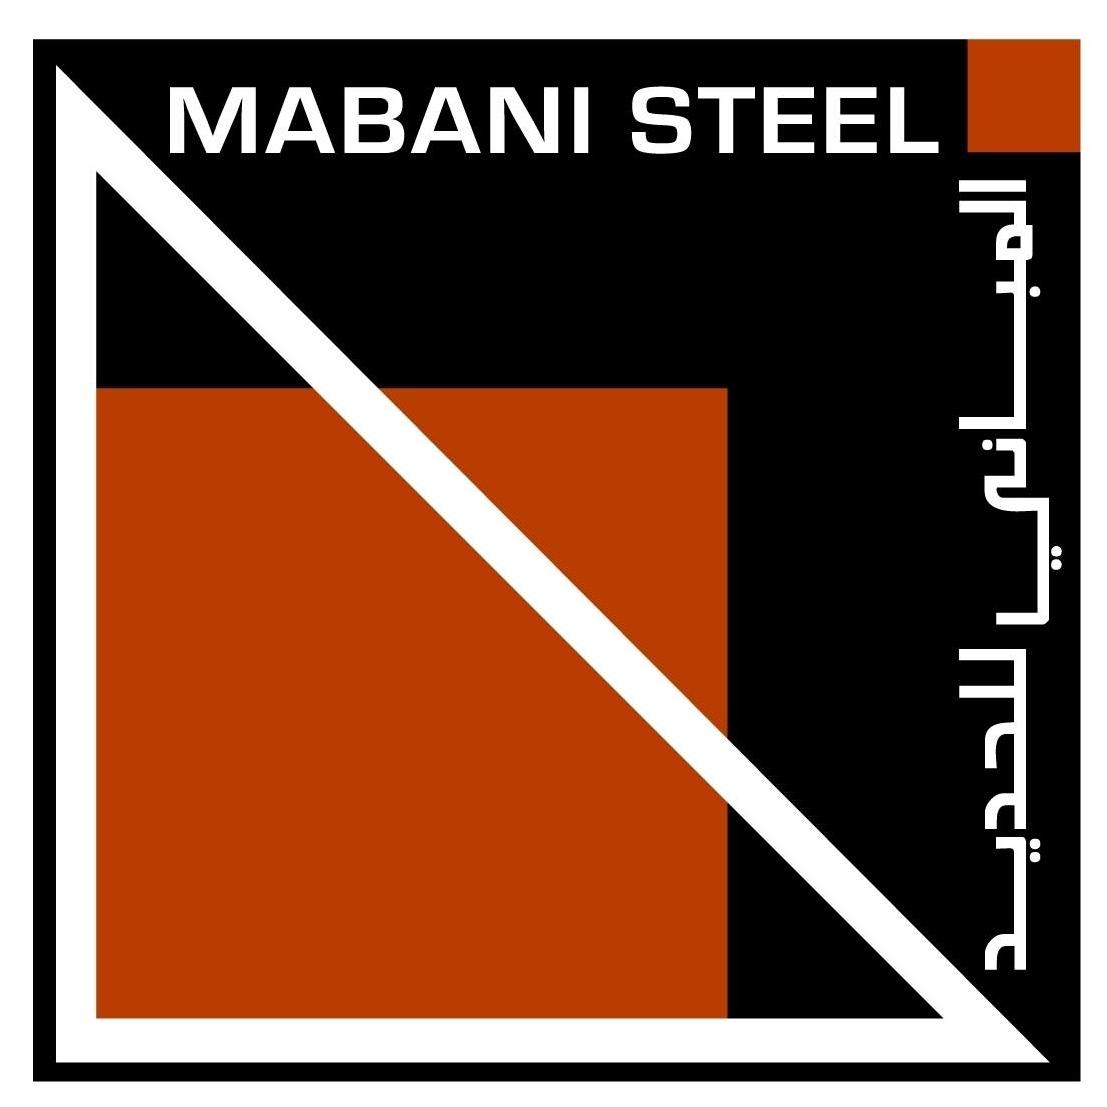 Mabani Steel LLC